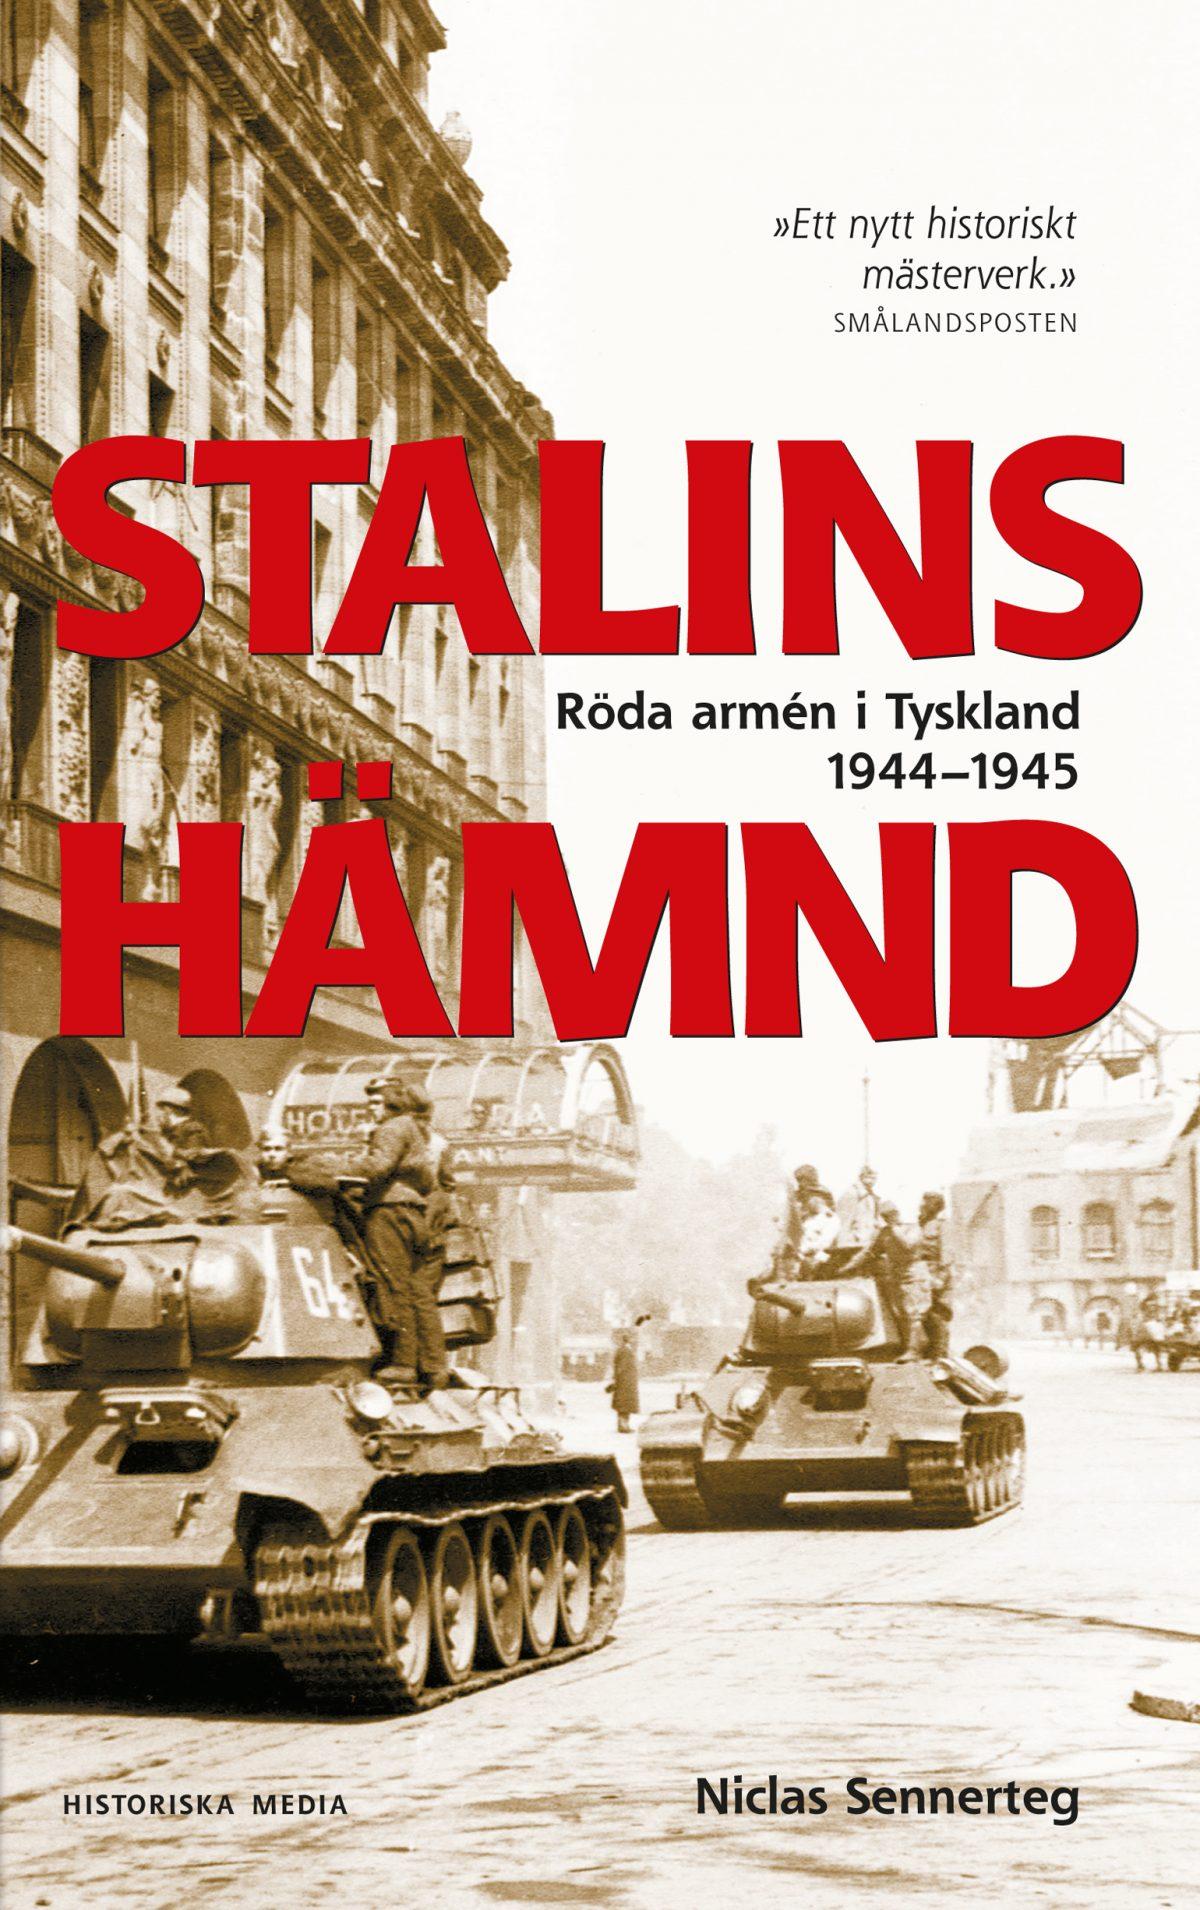 Stalins hämnd